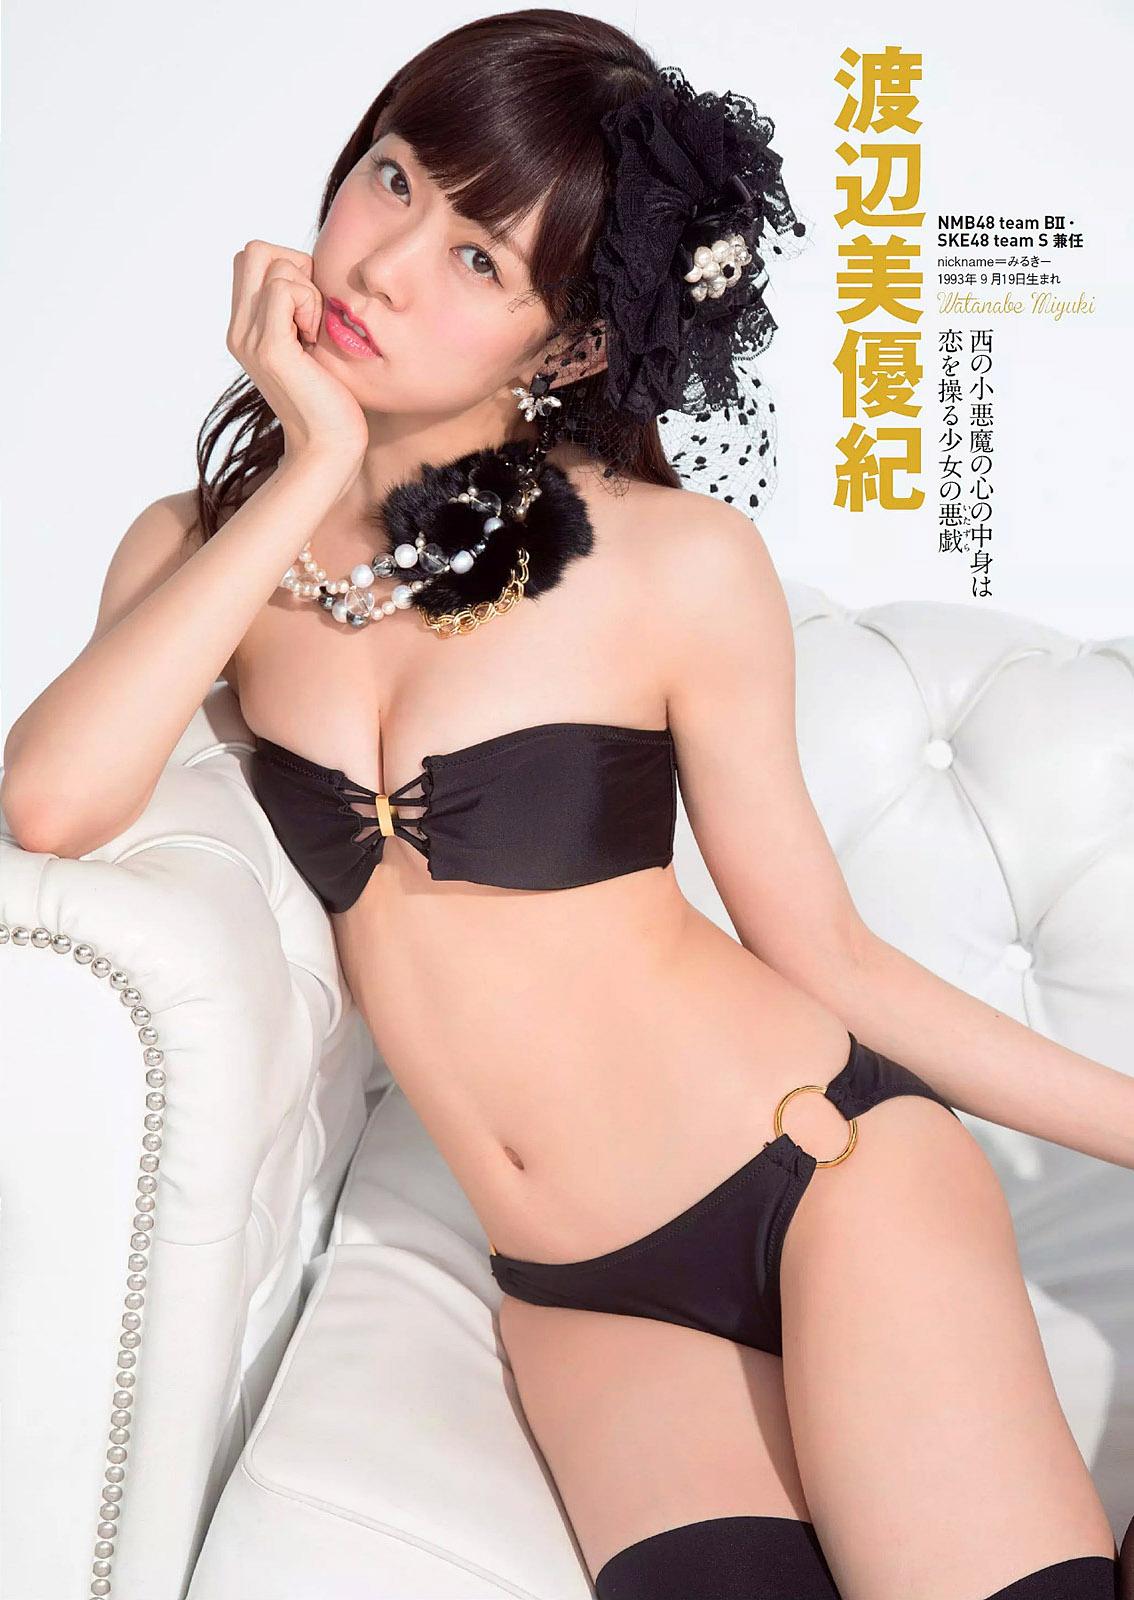 YKashiwagi SYamamoto MiWatanabe WPB 141110 05.jpg